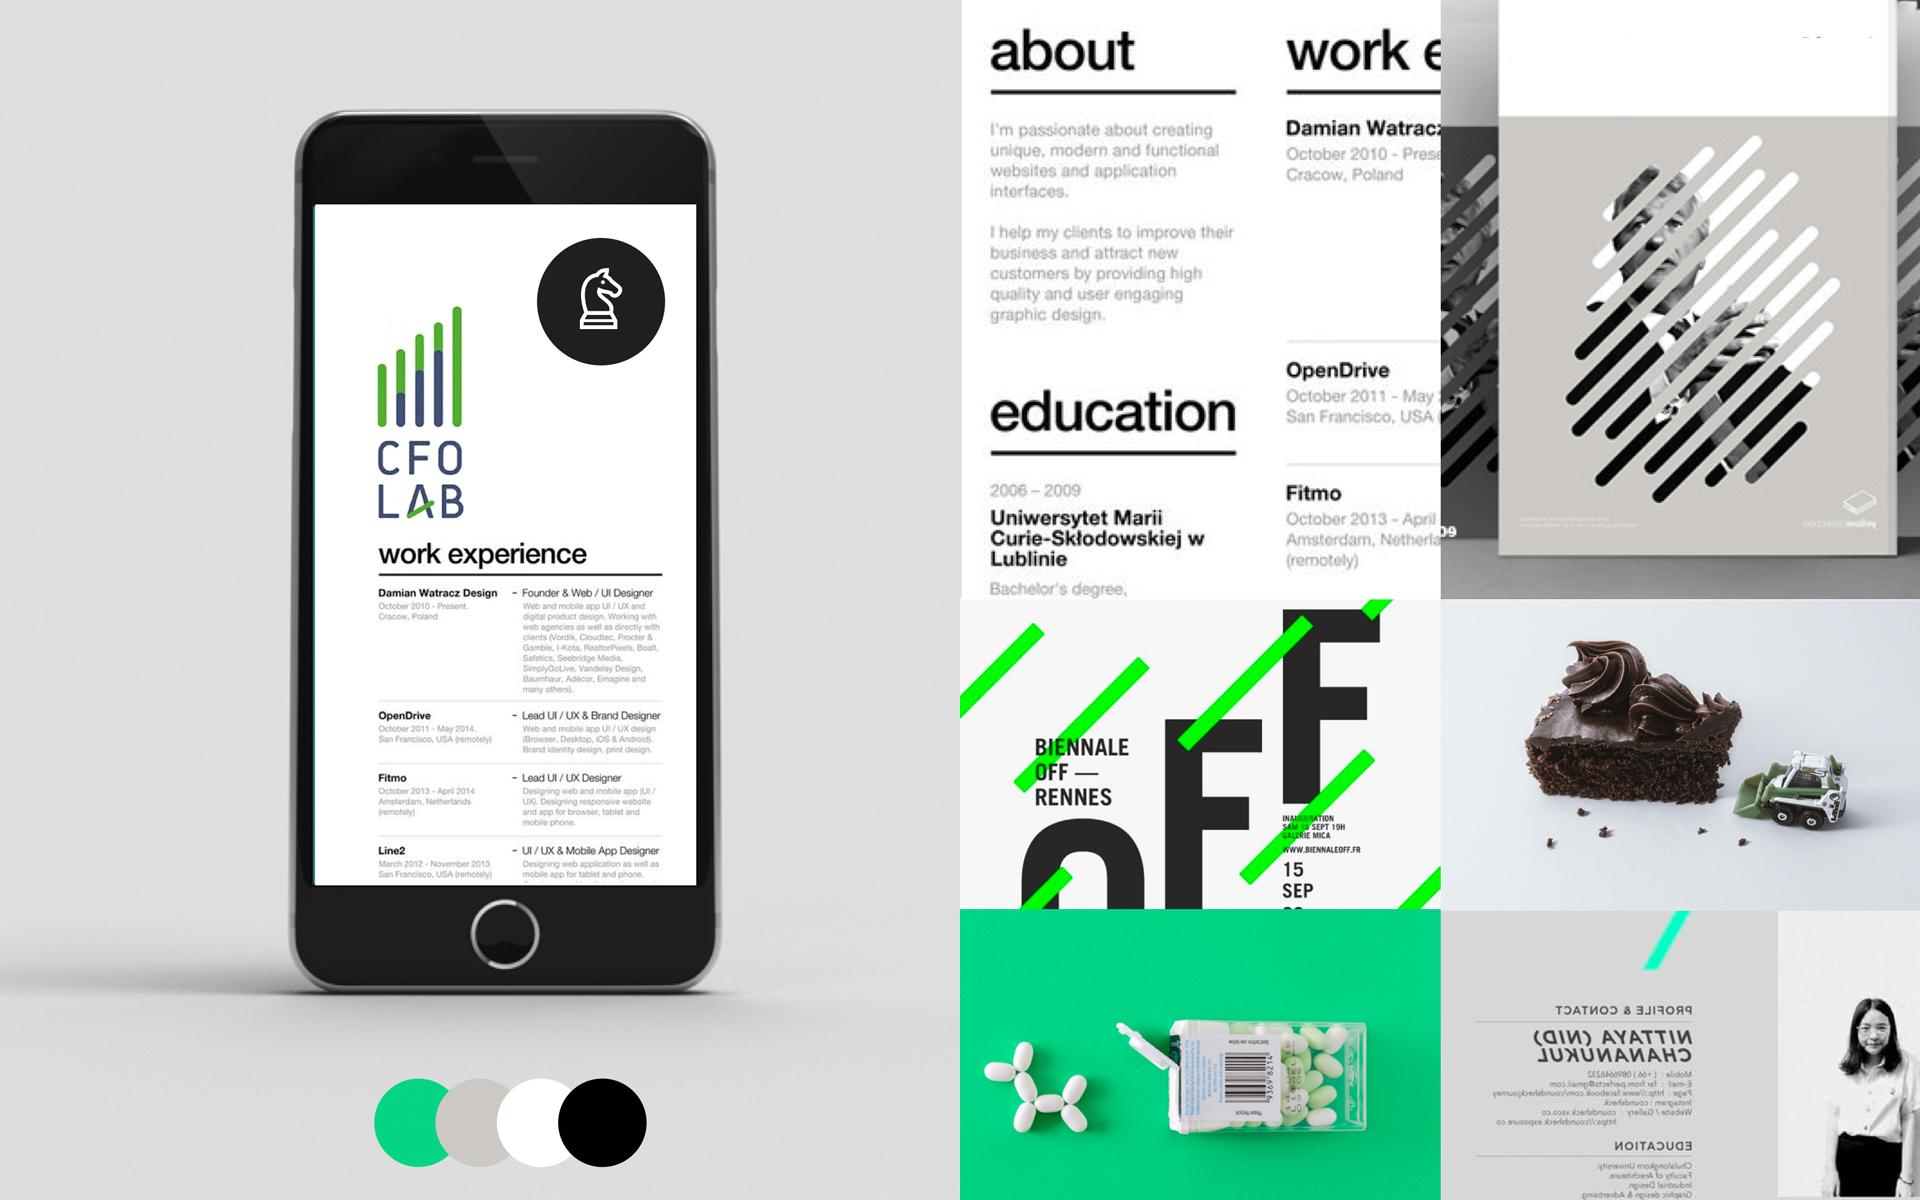 CFO lab Strategic Consultancy Brand Design DAY Creative identity design case